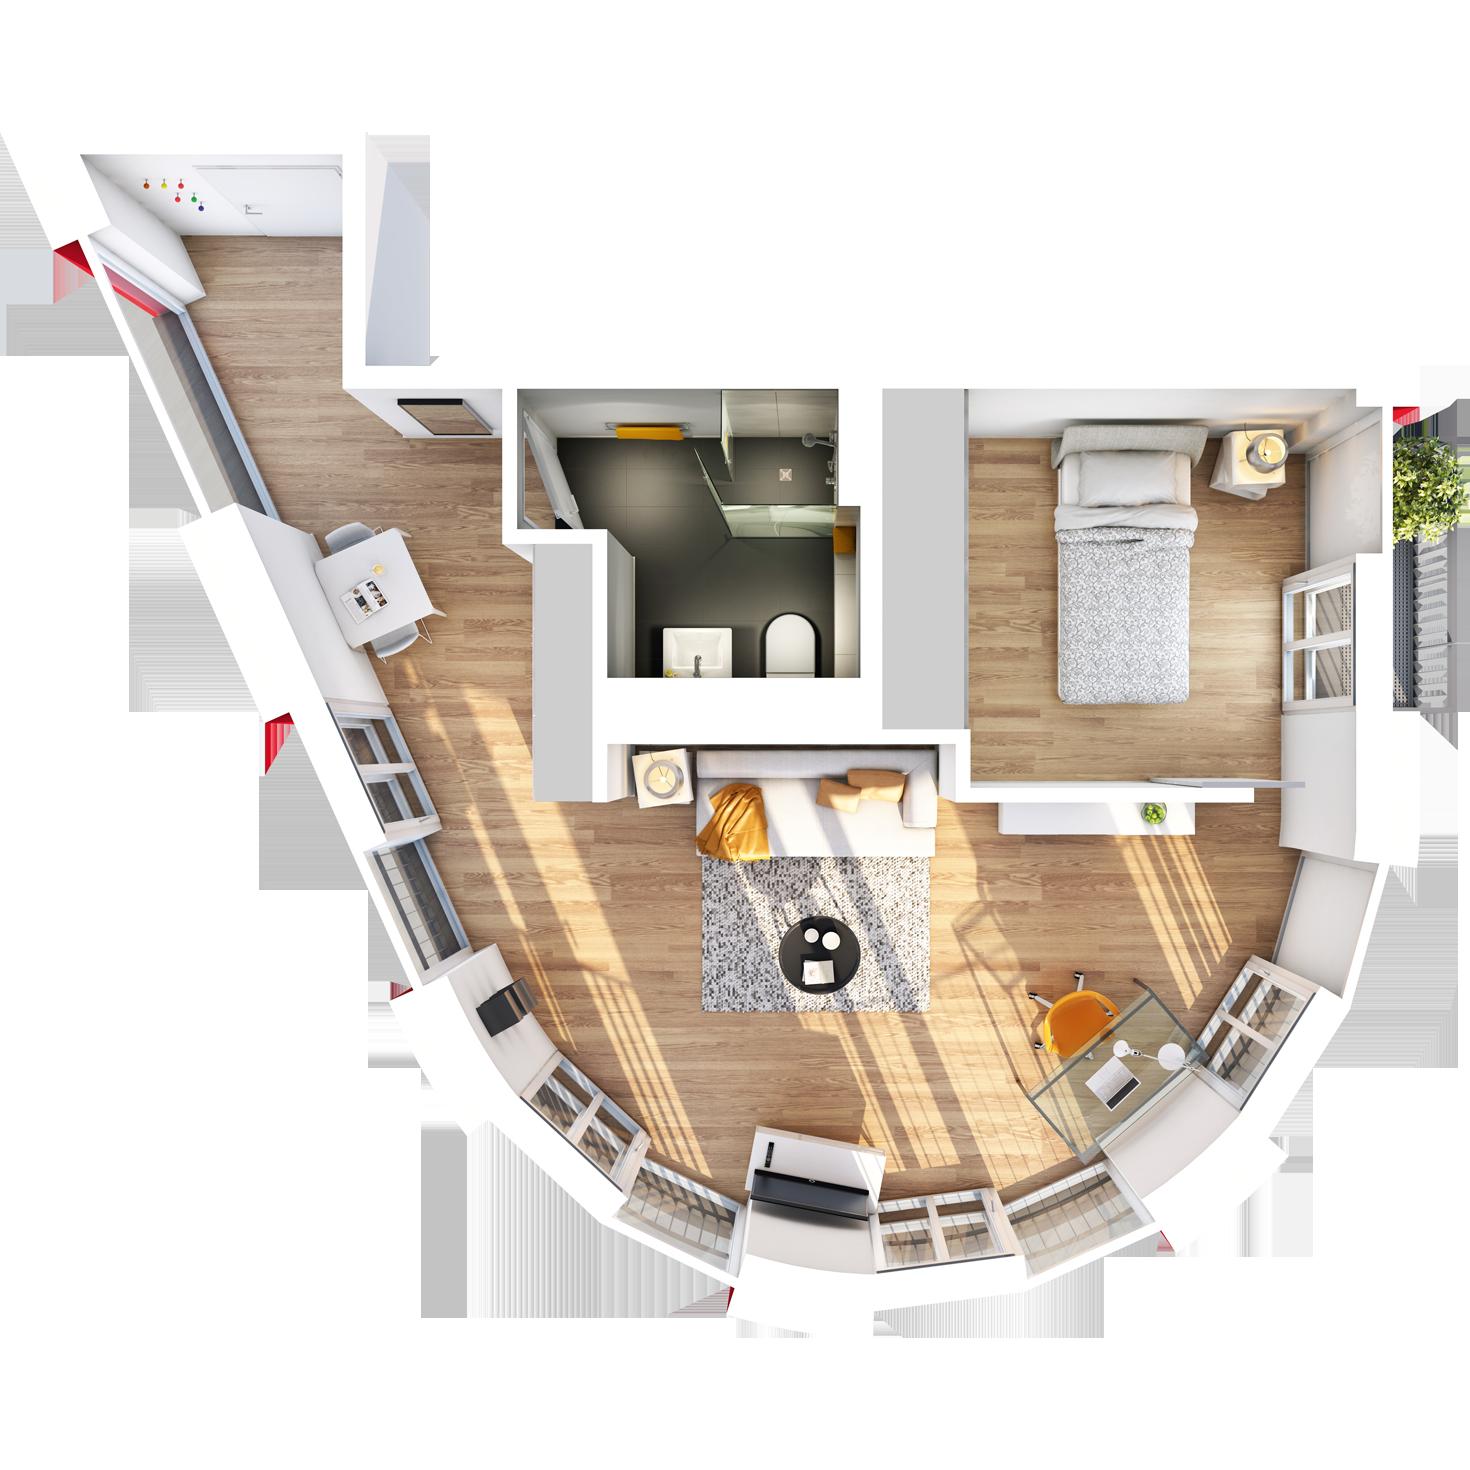 Visualisierung Beispiel 1,5-Zimmer-Wohnung Typ F mit exklusivem, halbrunden Wohnschnitt mit Bad, abgetrennter Küche, großem Wohn- und separatem Schlafbereich und Balkon im studiosus 5 Apartmenthaus in Augsburg